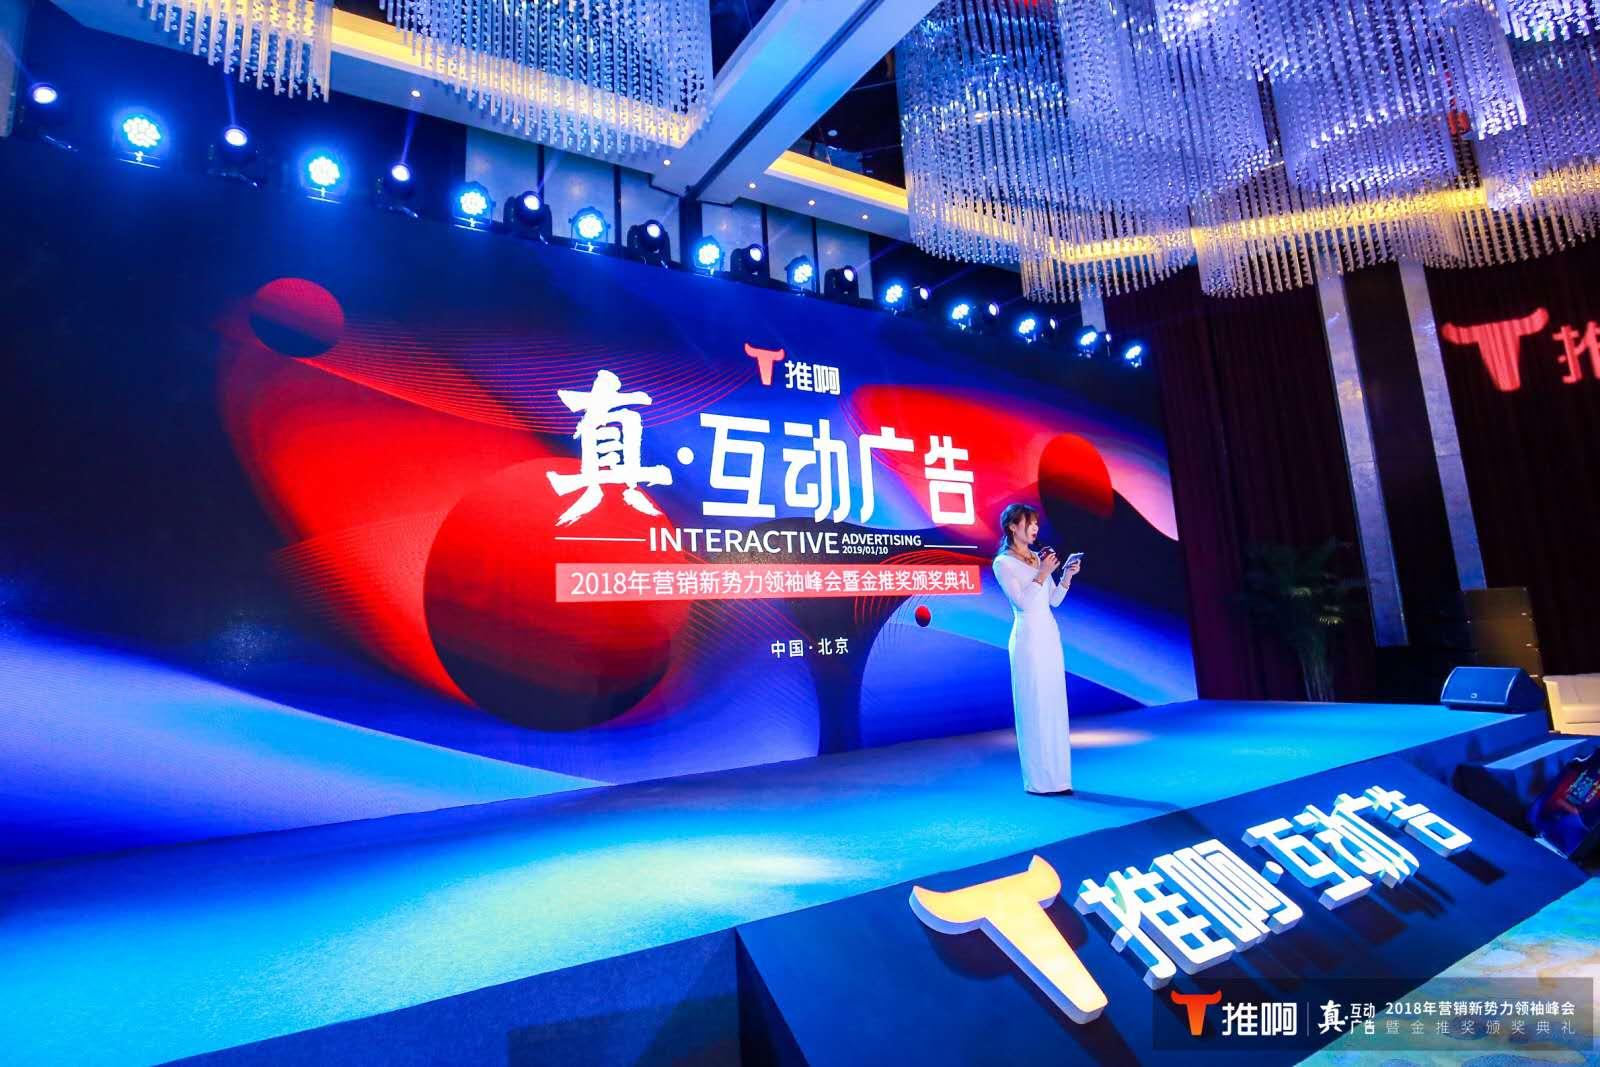 【企服观察】推啊2018年营销新势力领袖峰会北京收官,金推奖五大奖项揭晓